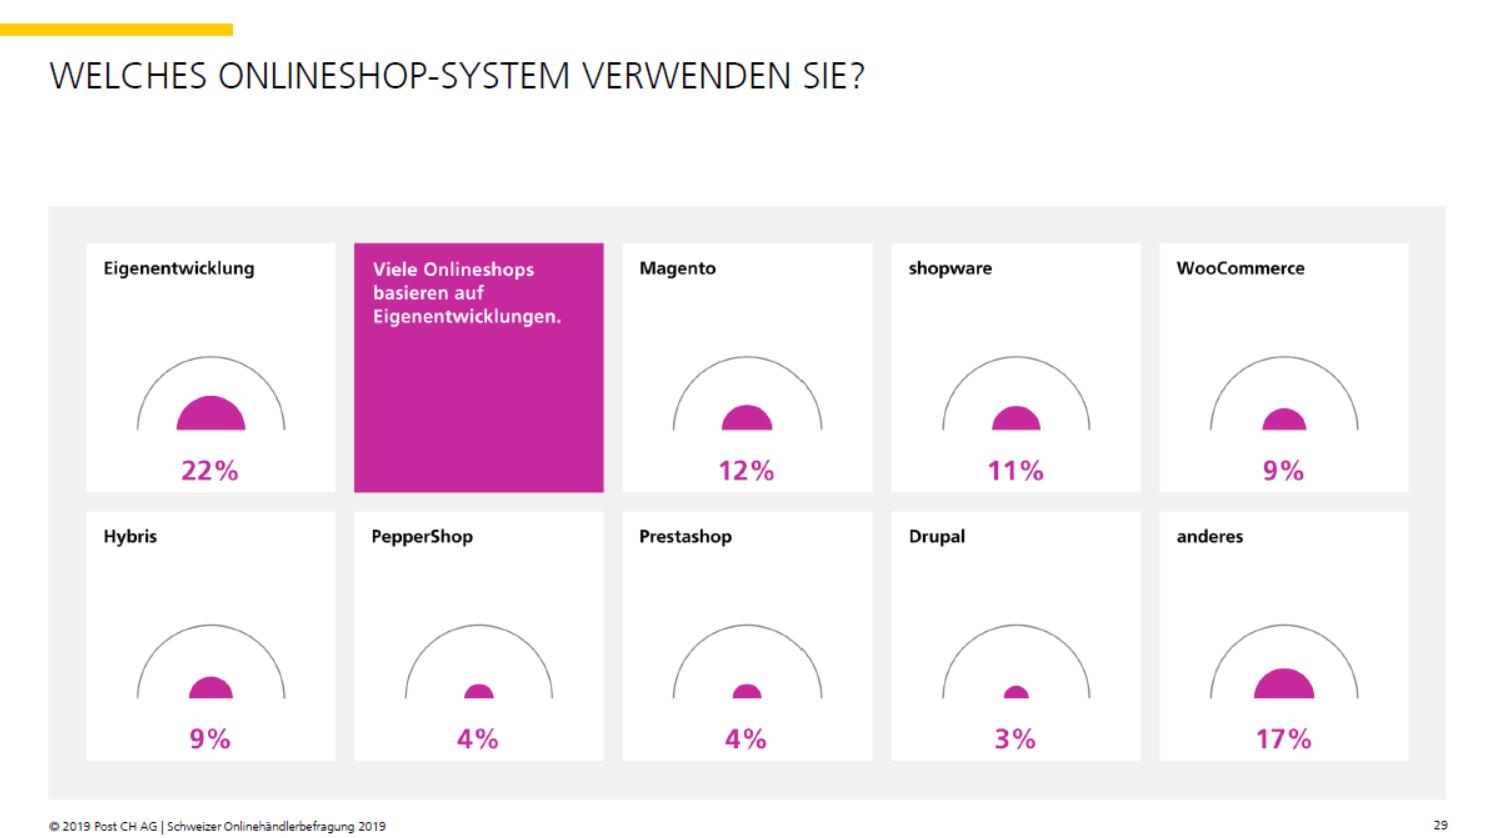 Shopsysteme der Schweizer Onlinehändler - Quelle: Onlinehändlerbefragung 2019